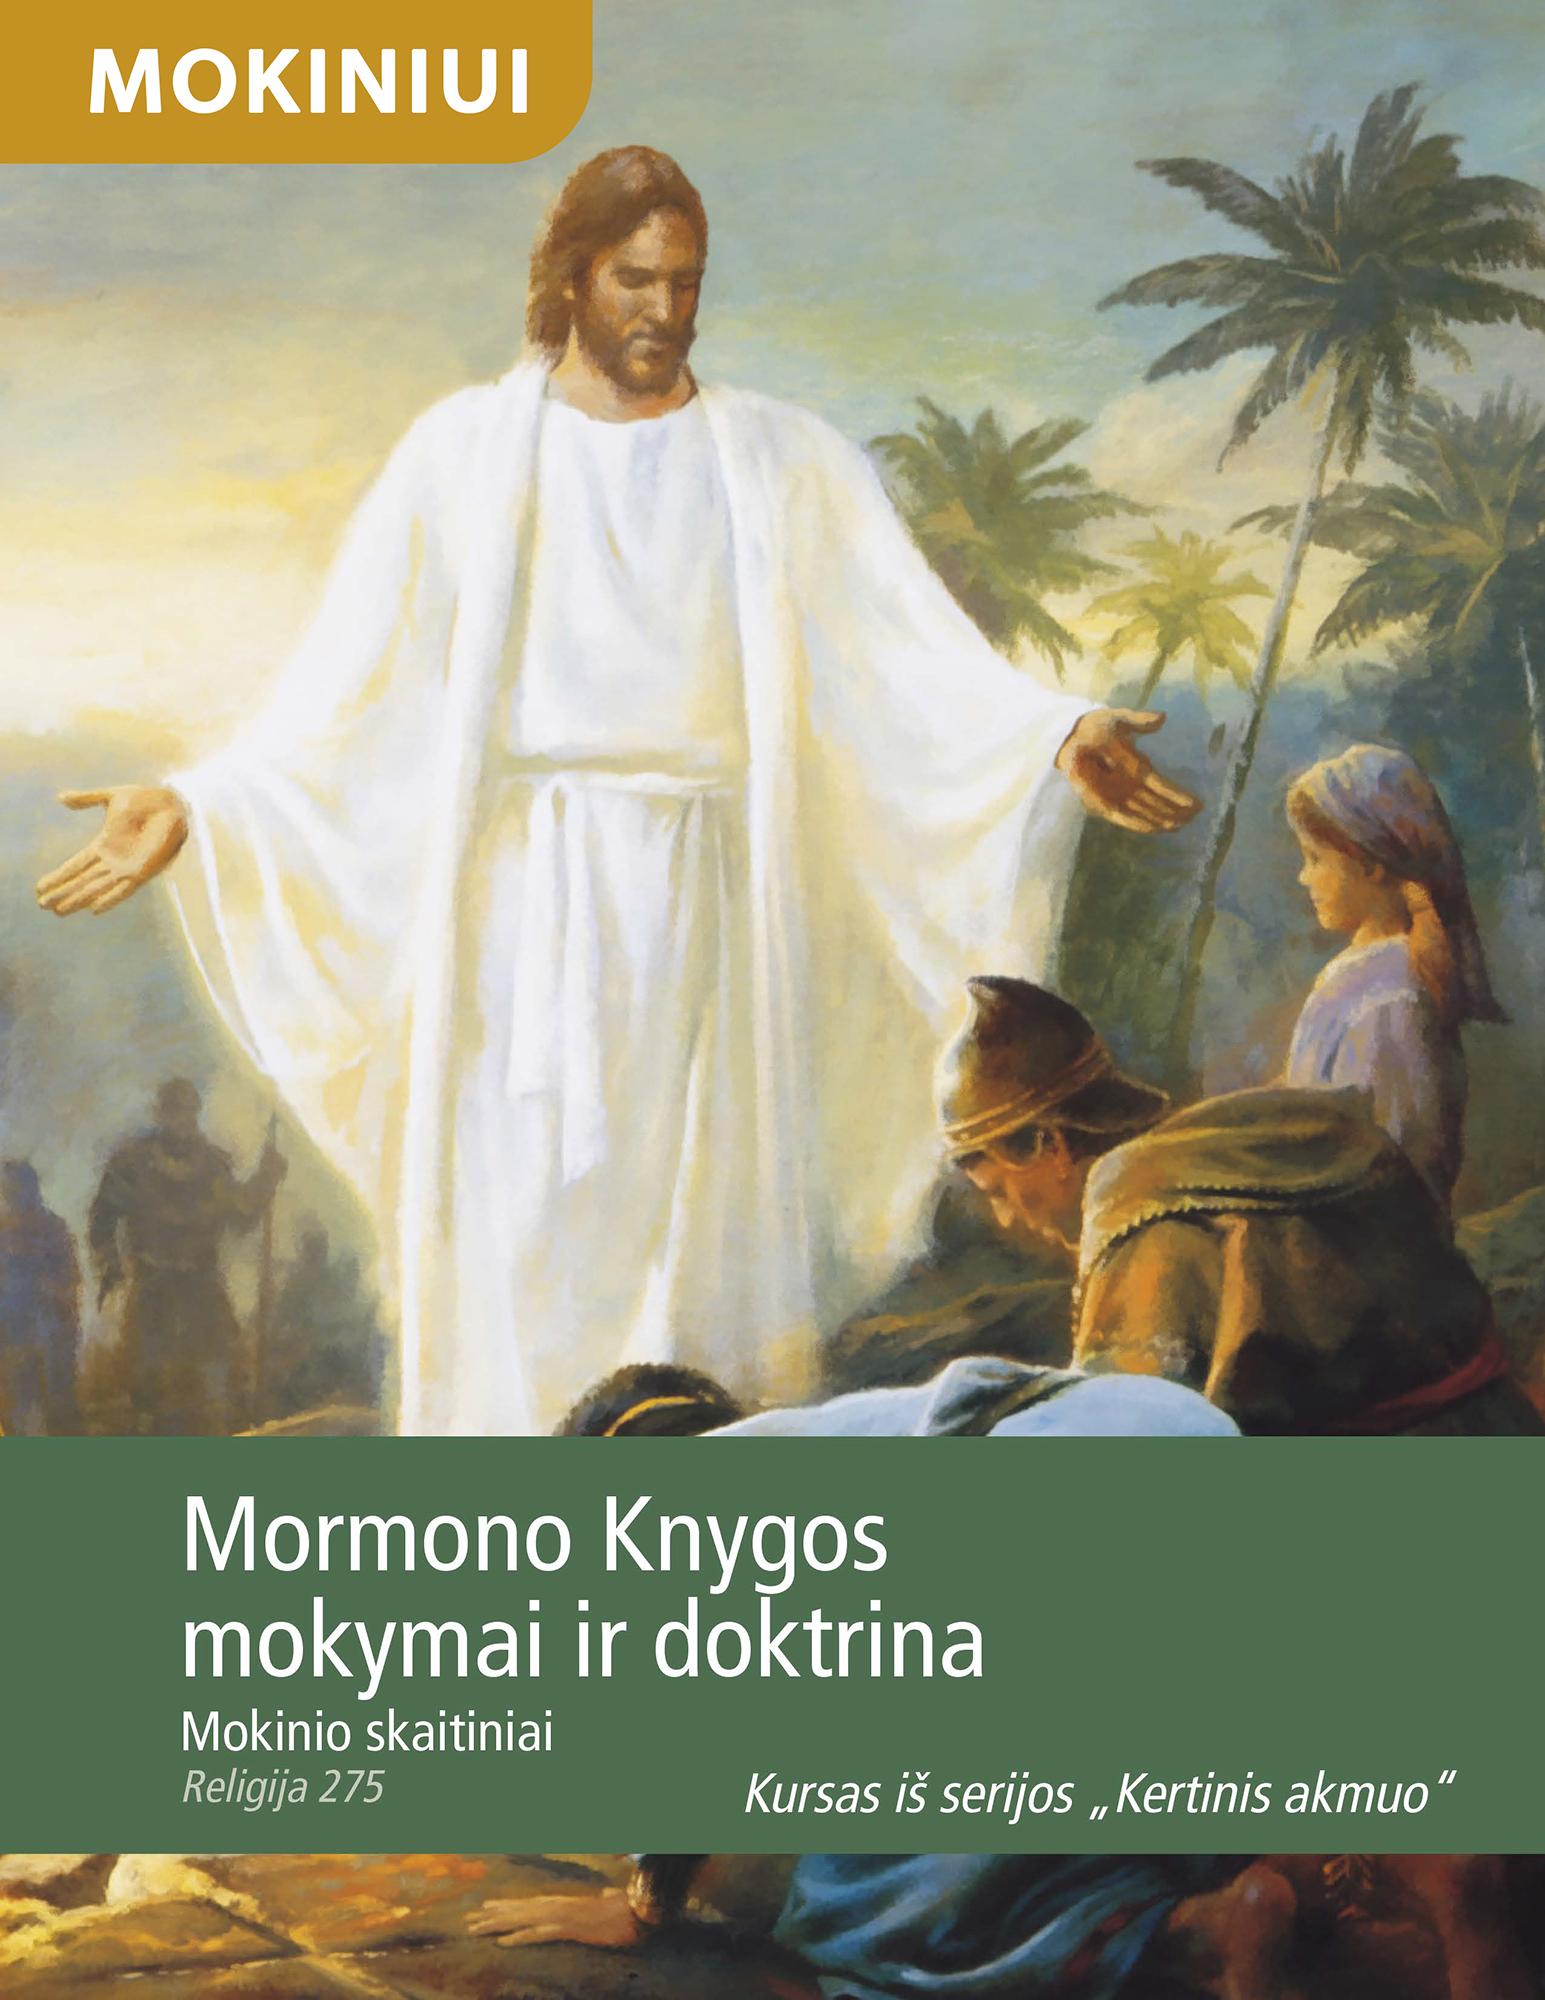 Mormono Knygos mokymai ir doktrina. Mokinio skaitiniai (Rel 275)